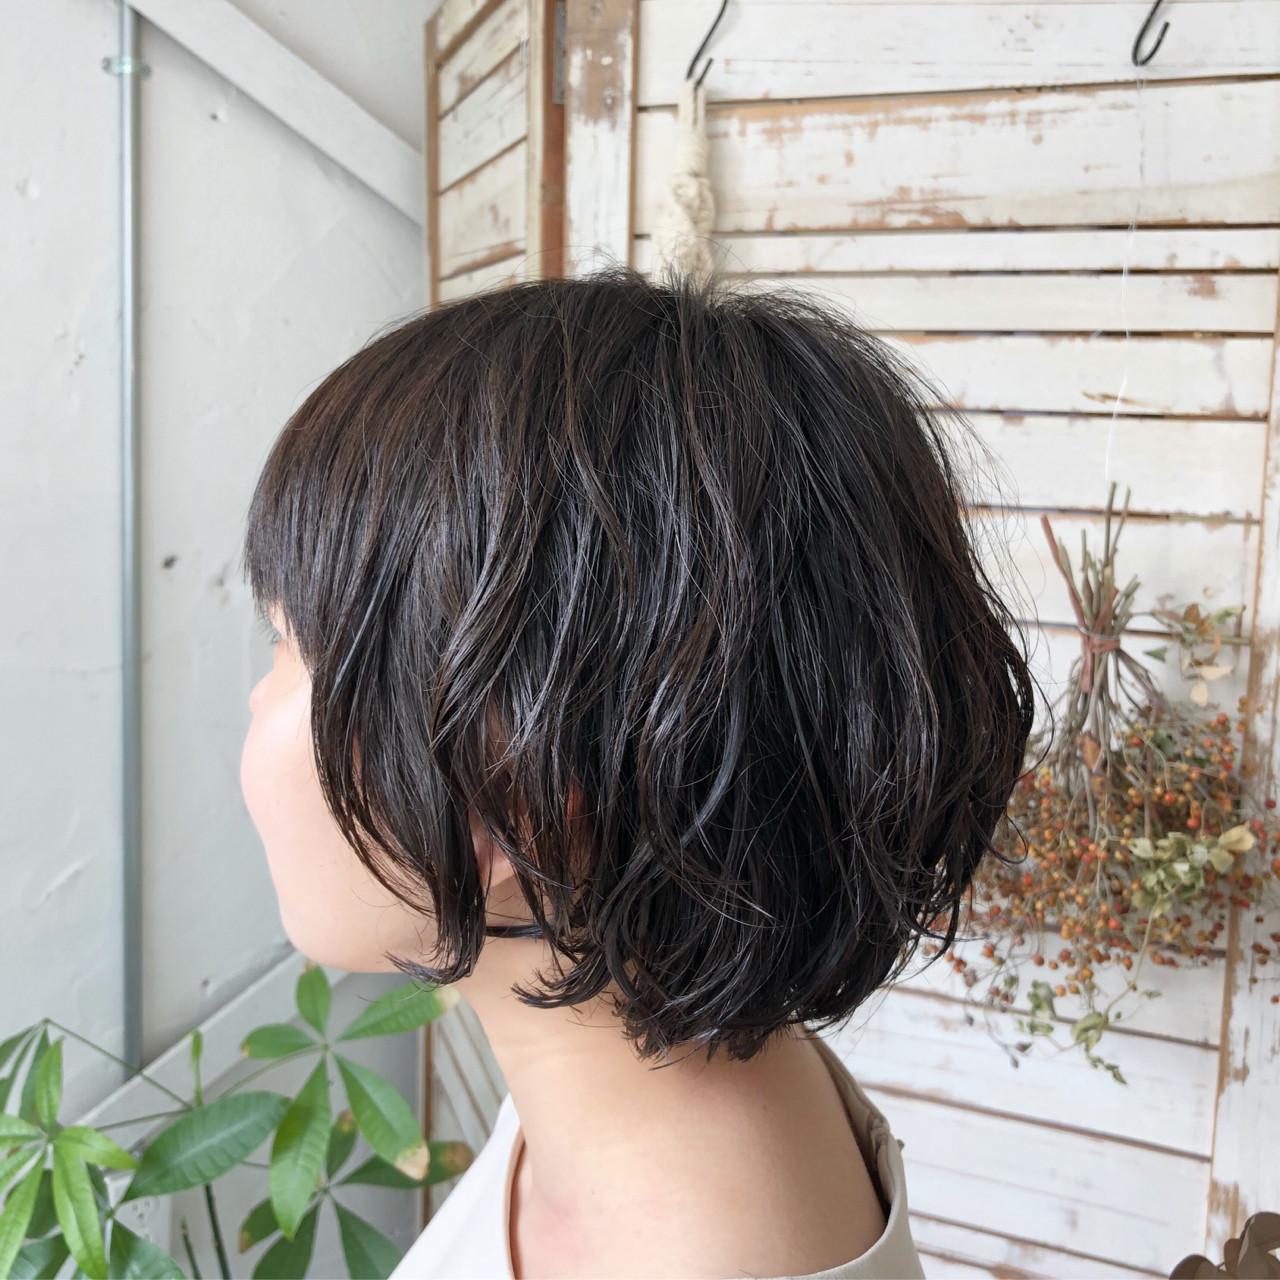 黒髪 ゆるふわ ボブ オフィスヘアスタイルや髪型の写真・画像